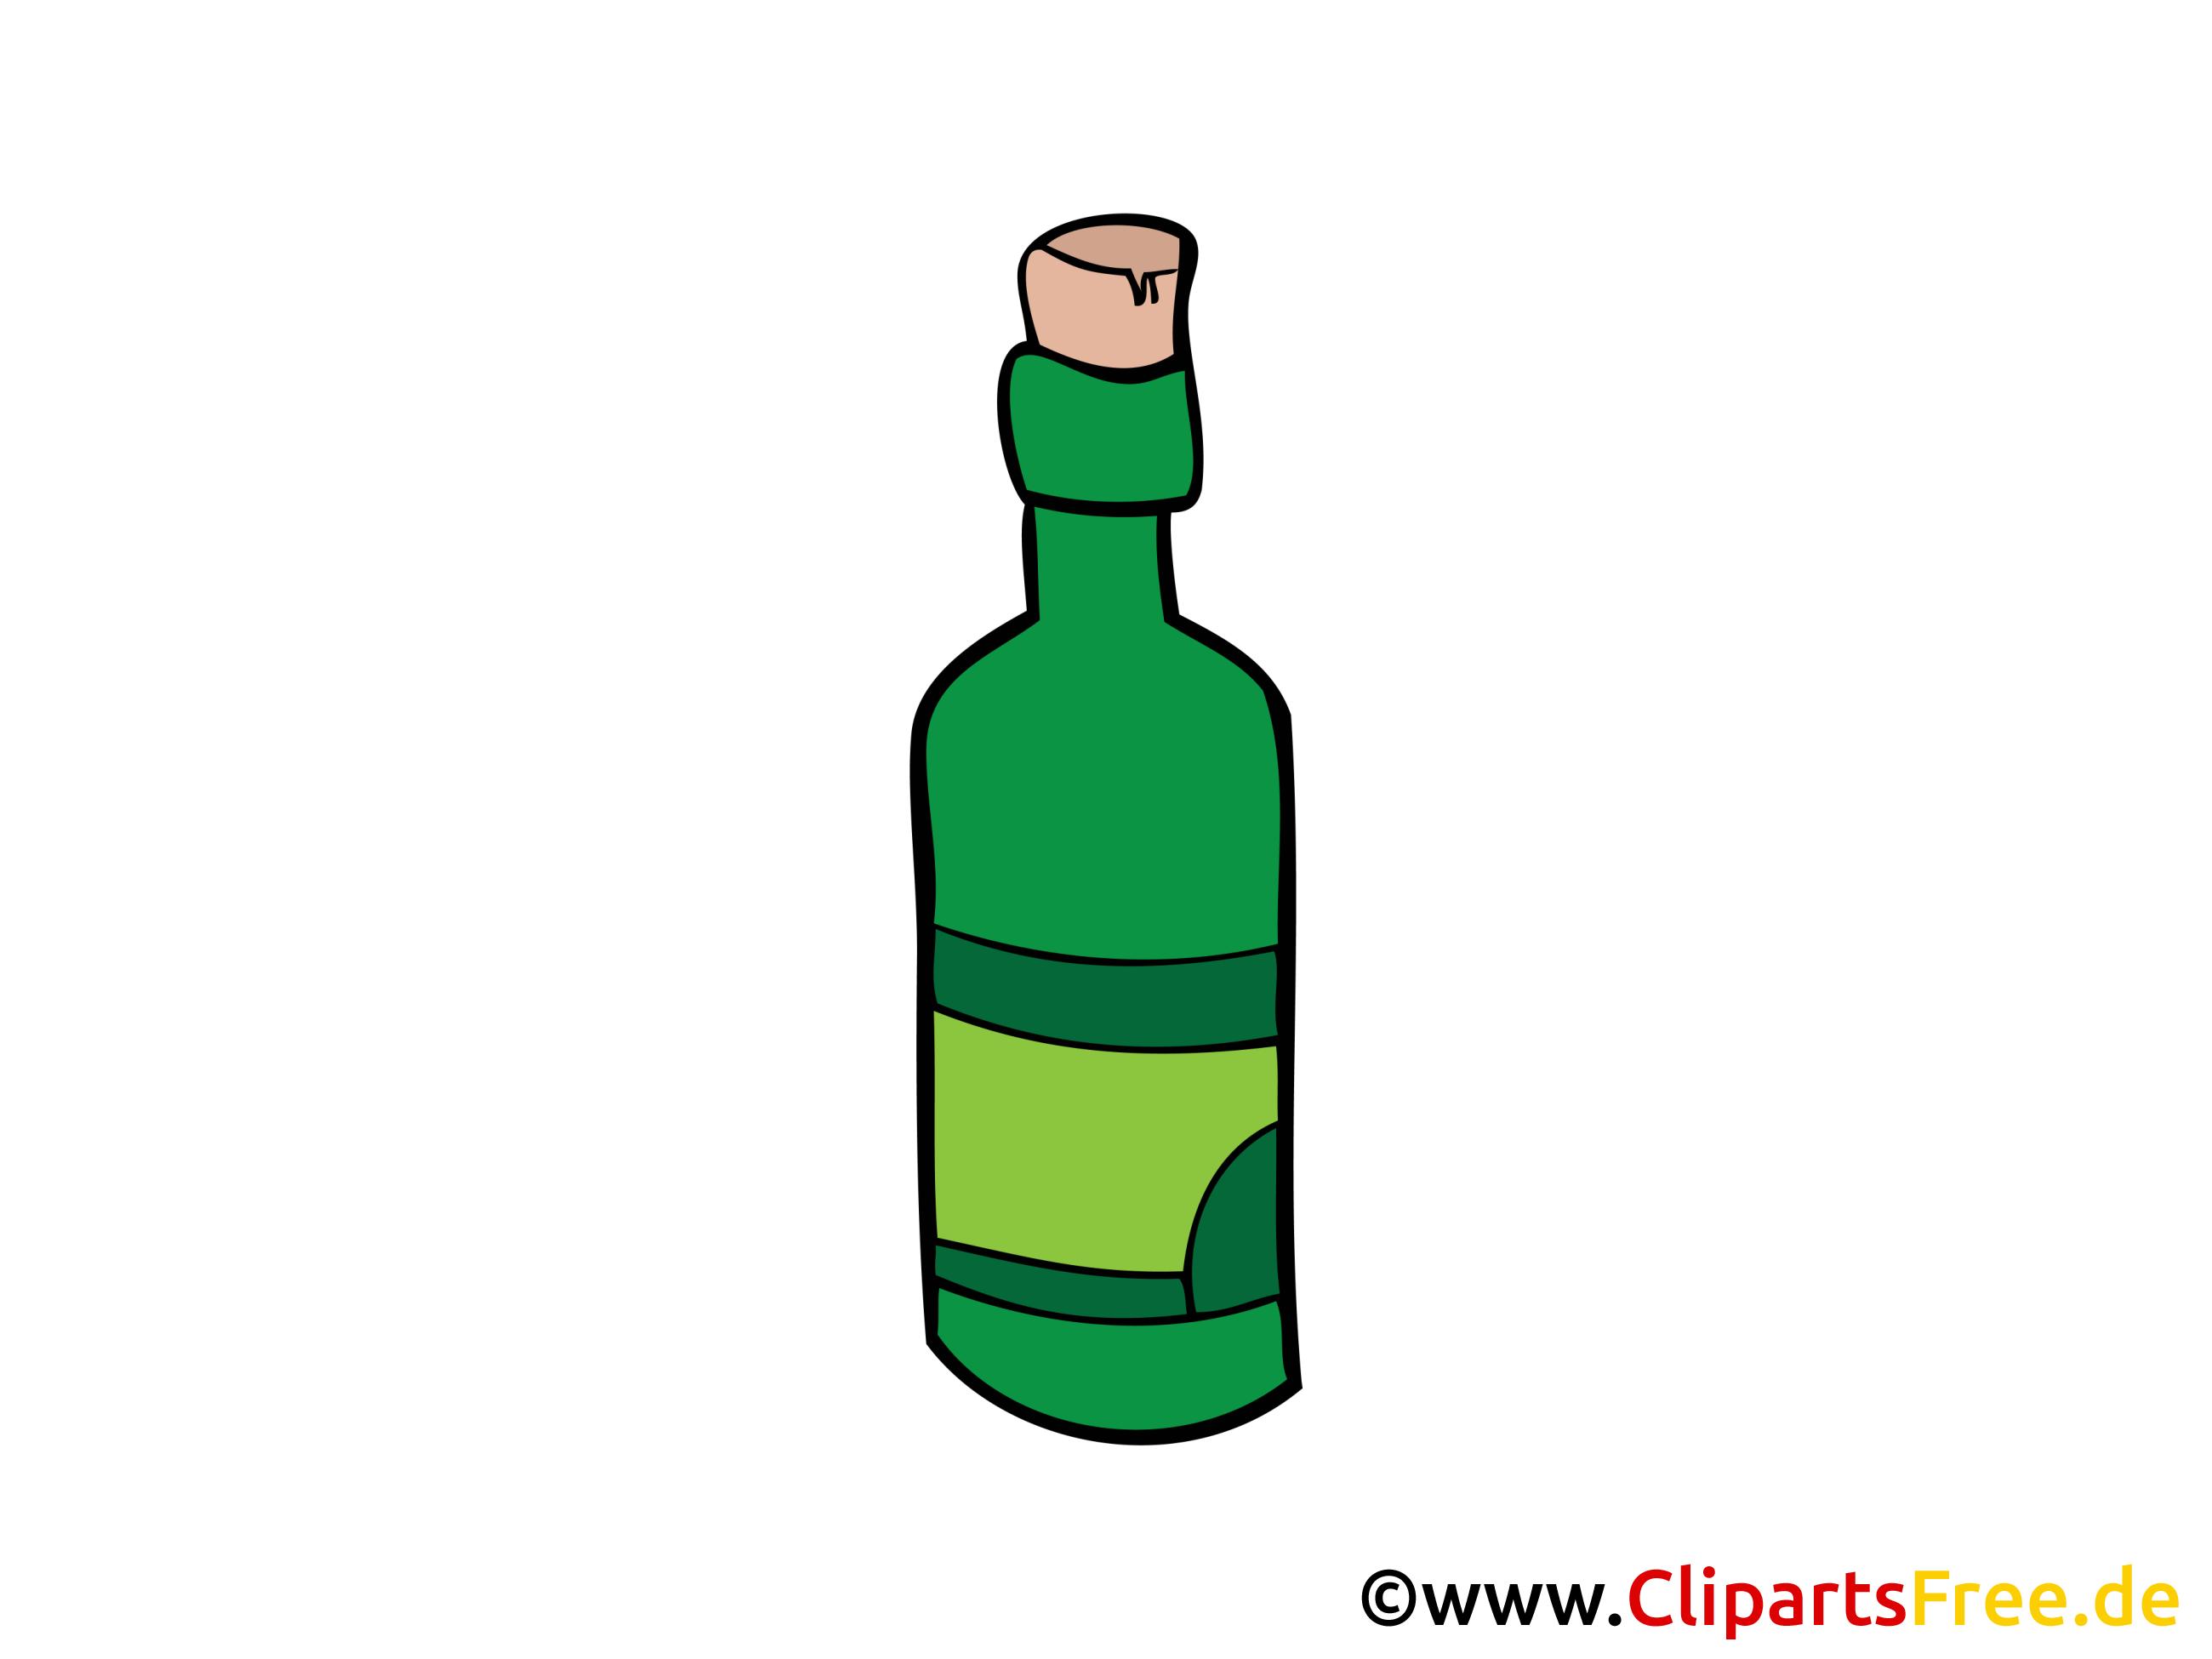 Clipart glser und flaschen clip art library download Flasche Wein Bild, Clipart, Illustration, Grafik gratis clip art library download